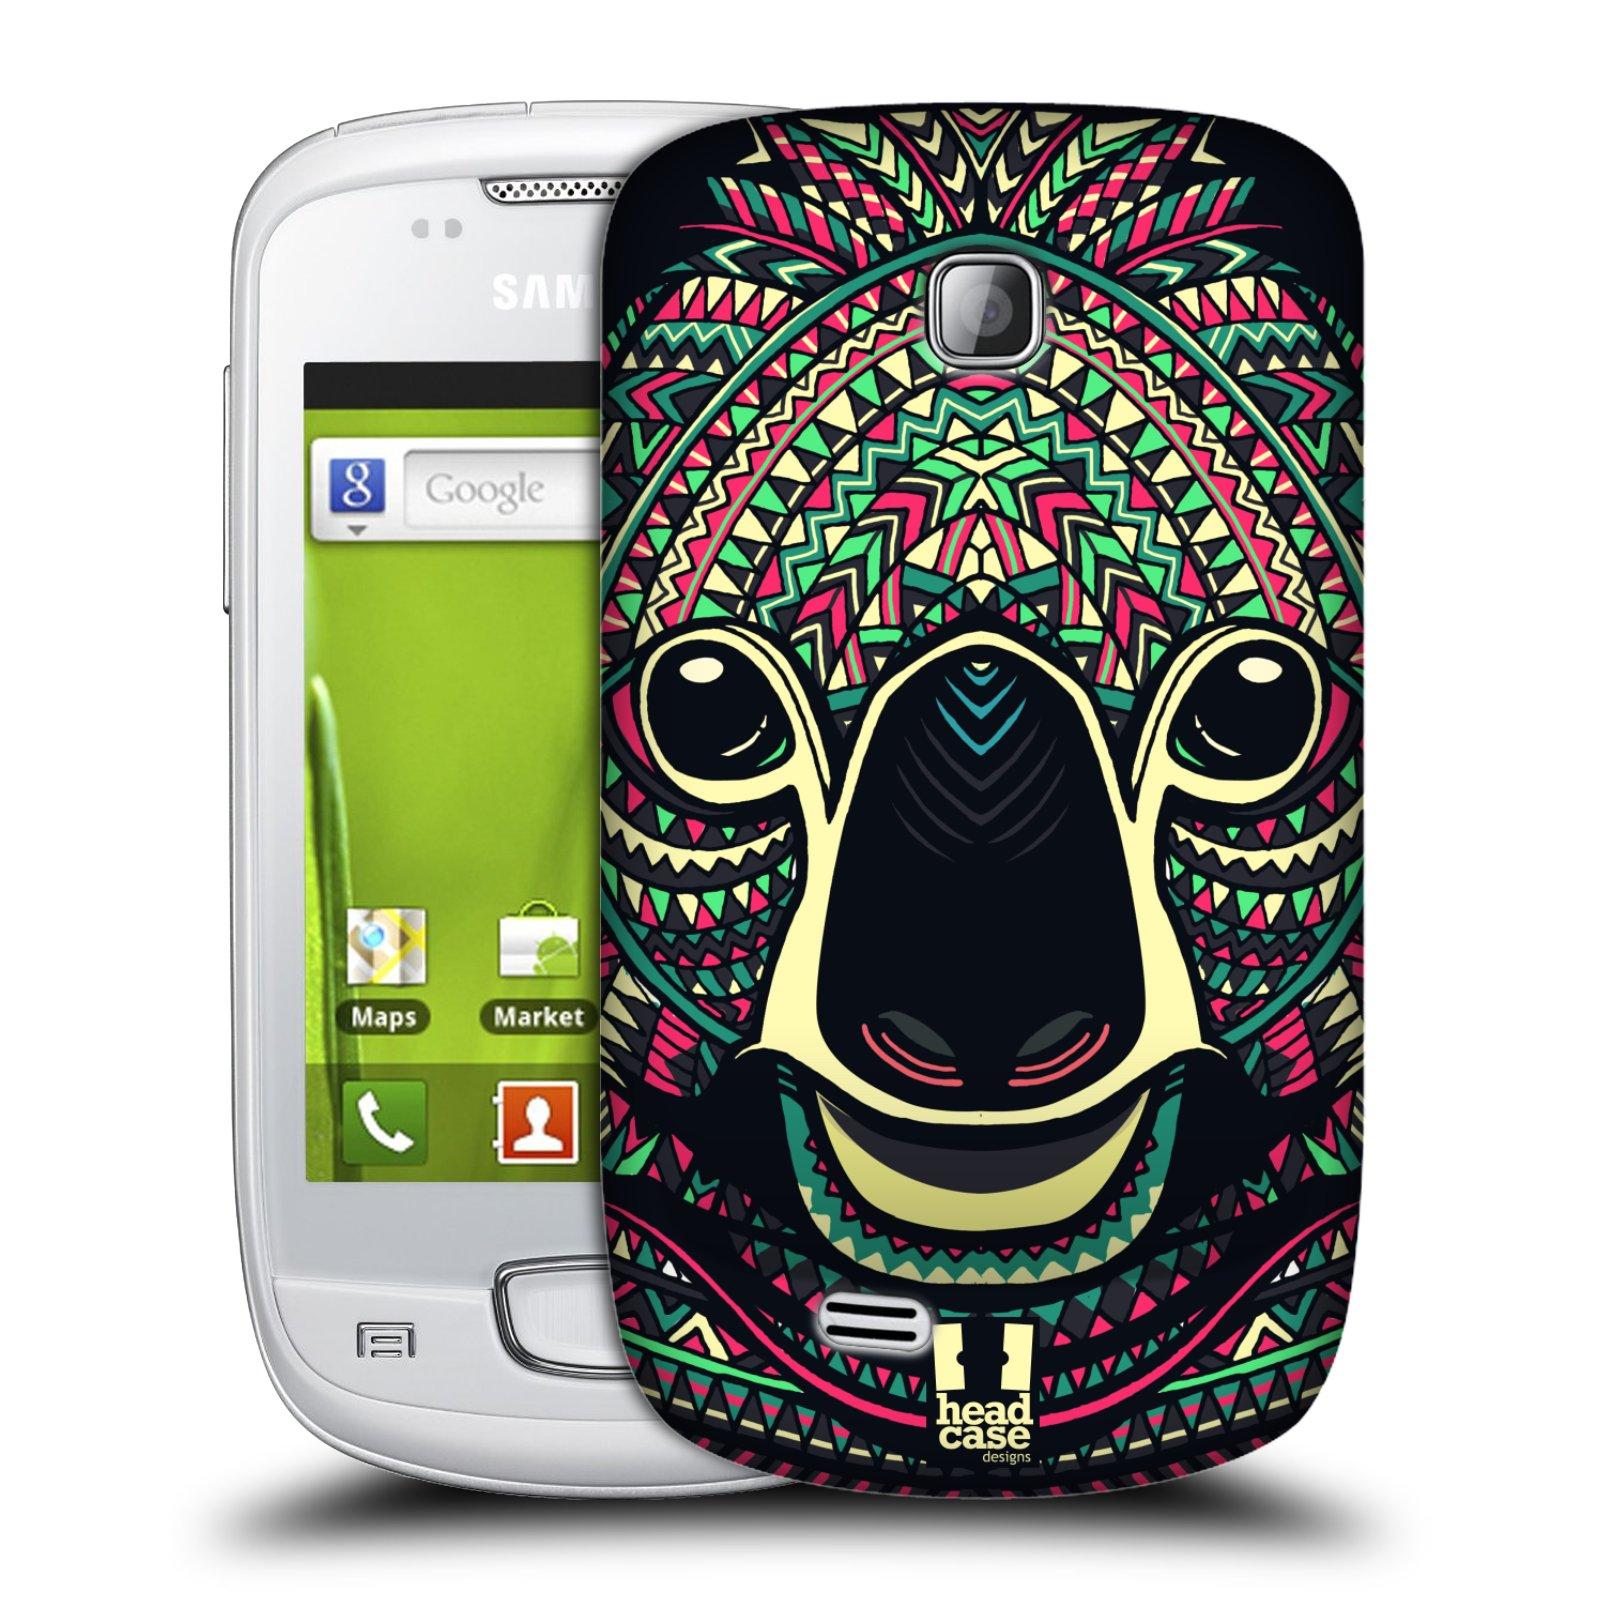 Plastové pouzdro na mobil Samsung Galaxy Mini HEAD CASE AZTEC KOALA (Kryt či obal na mobilní telefon Samsung Galaxy Mini GT-S5570 / GT-S5570i)